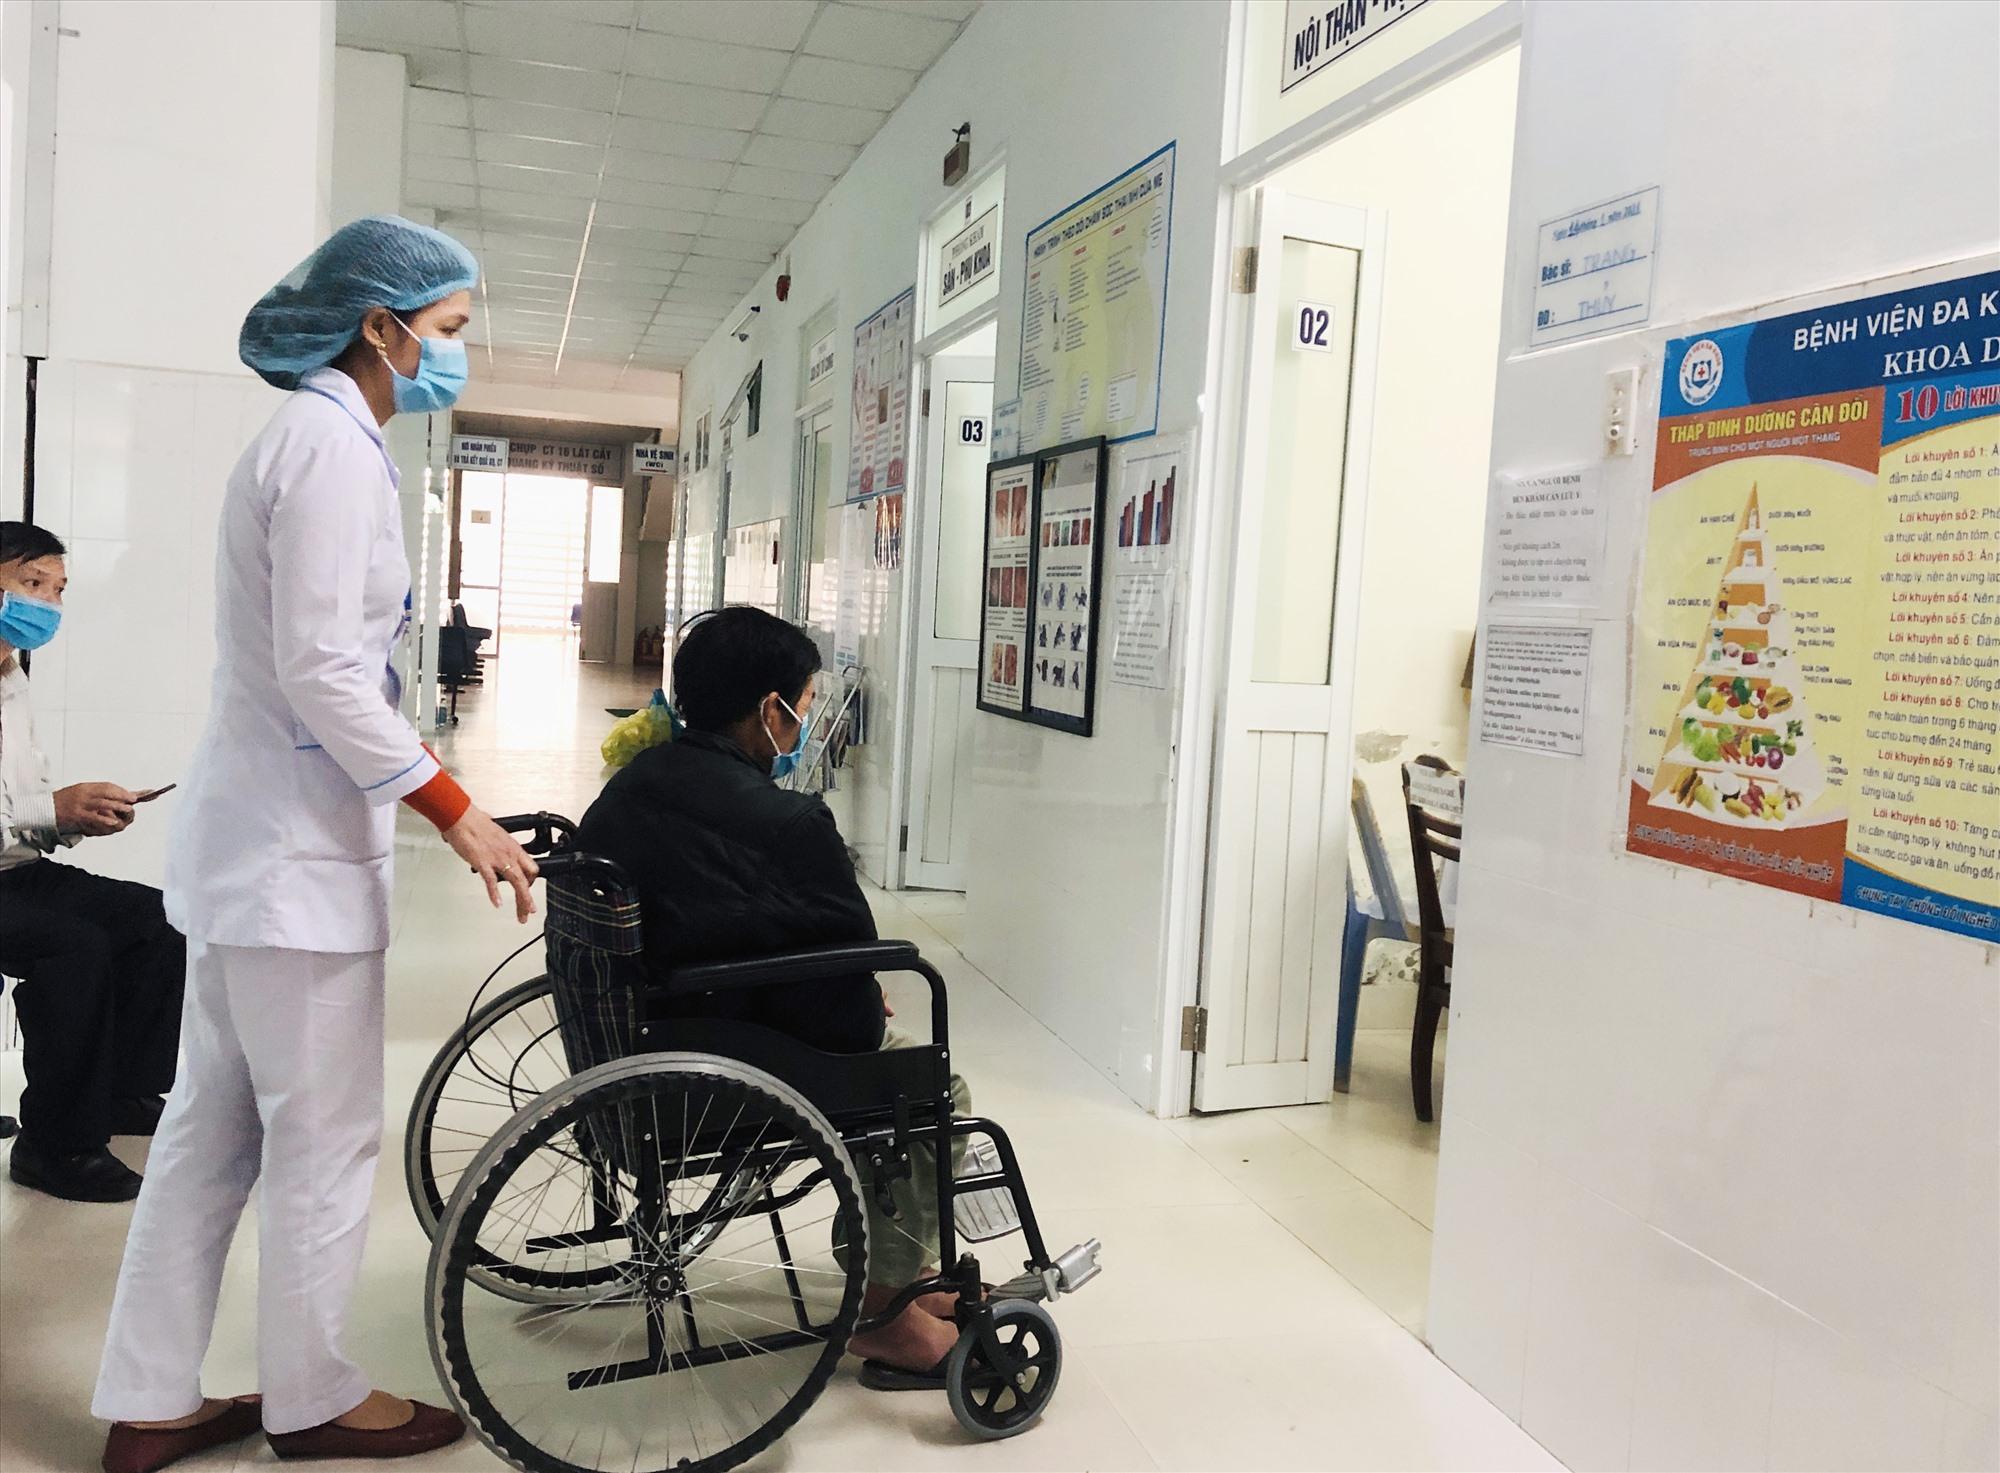 Nhiều bệnh viện công lập đang phải tìm cách để thích ứng trong tình hình thiếu nhân lực. Ảnh: X.H